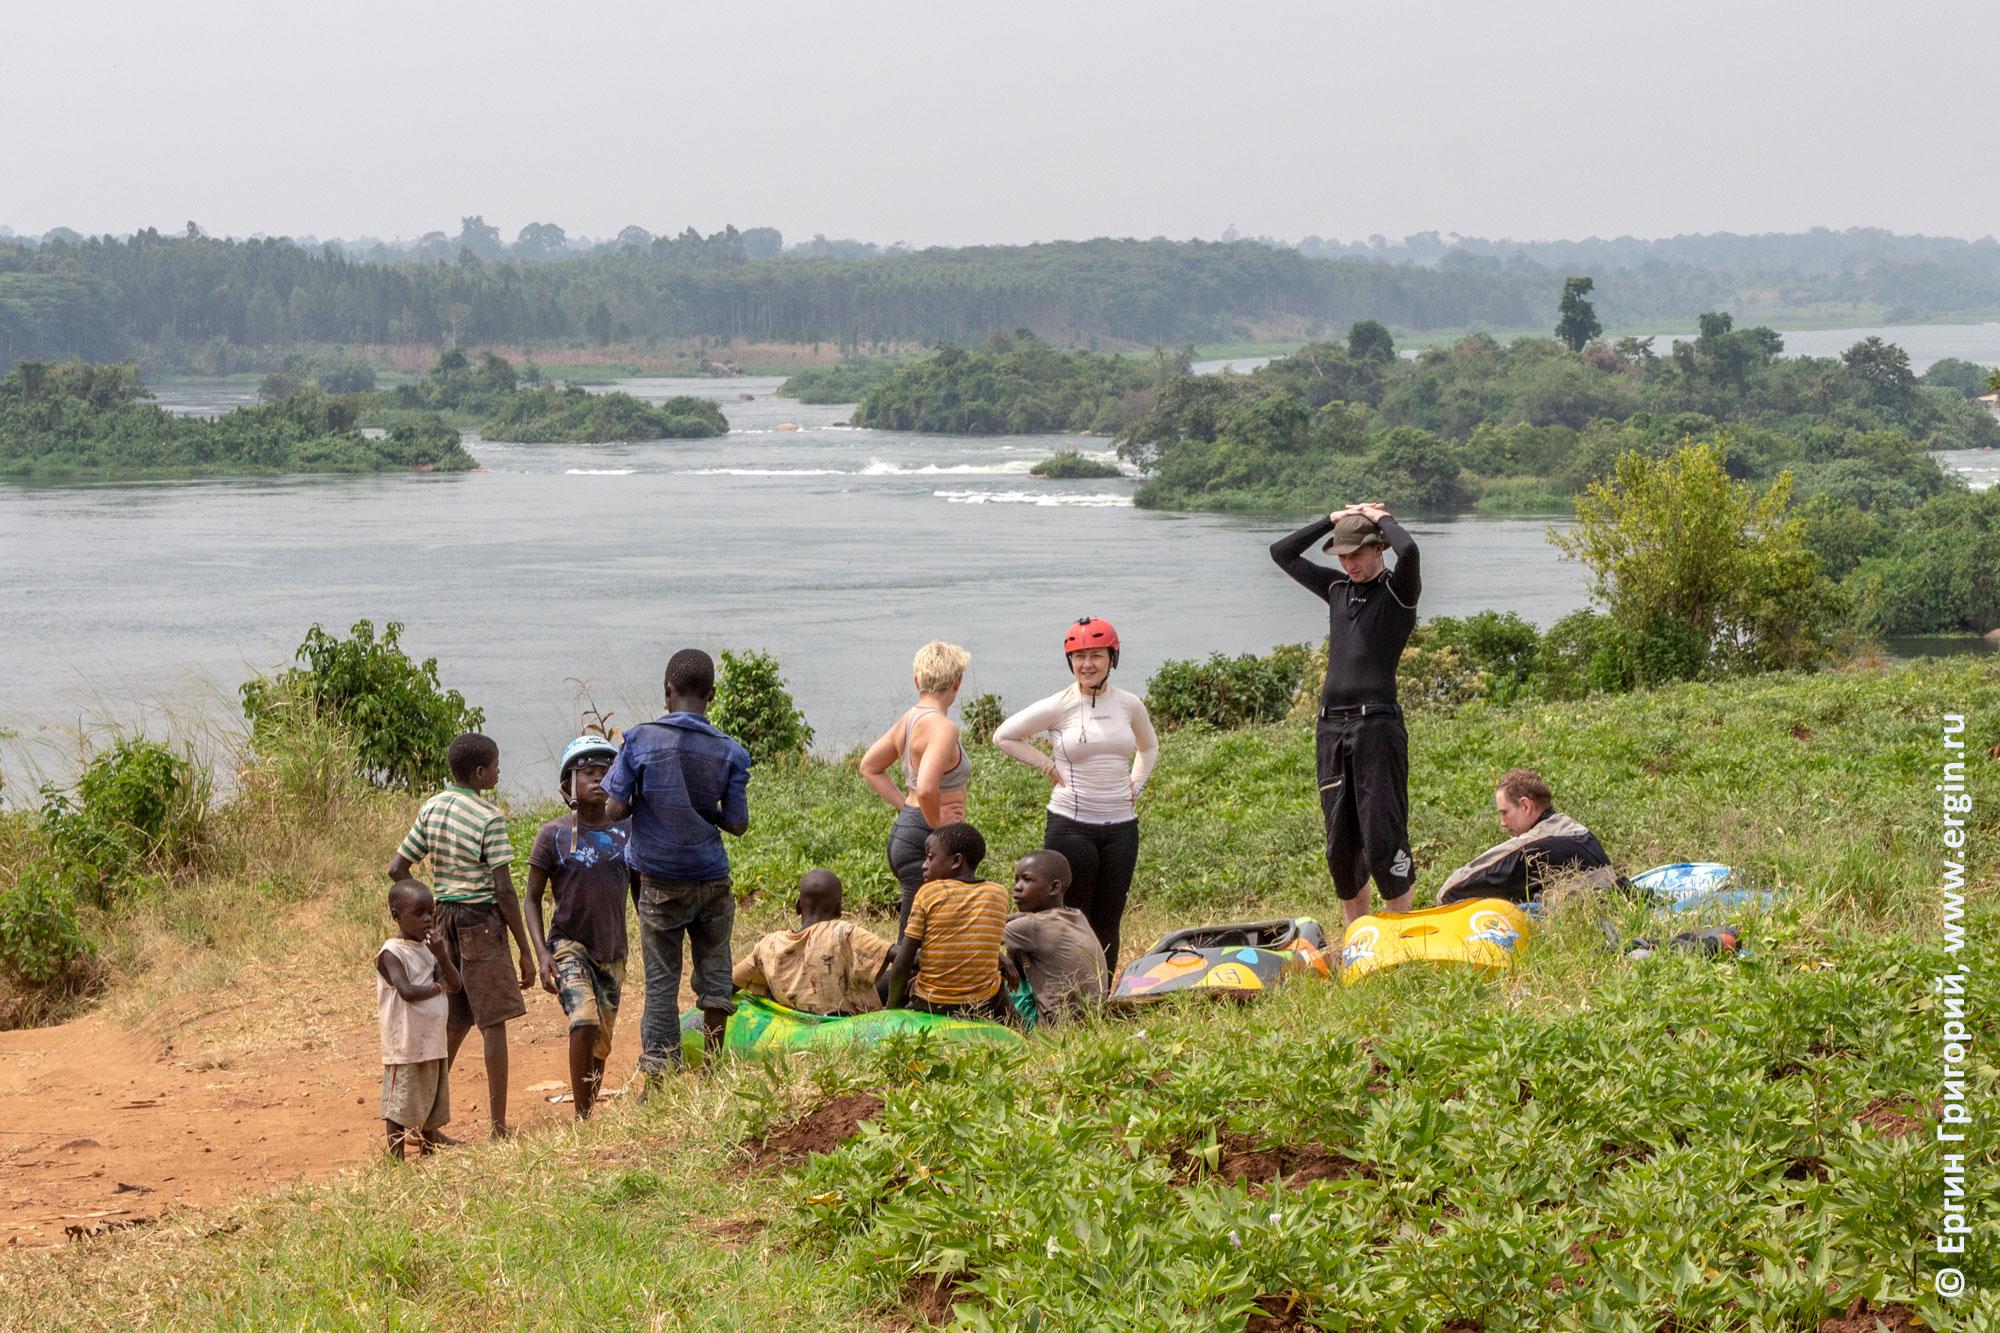 Каякеры в Уганде ждут опаздывающих бод негров мотоциклистов Boda boda is coming